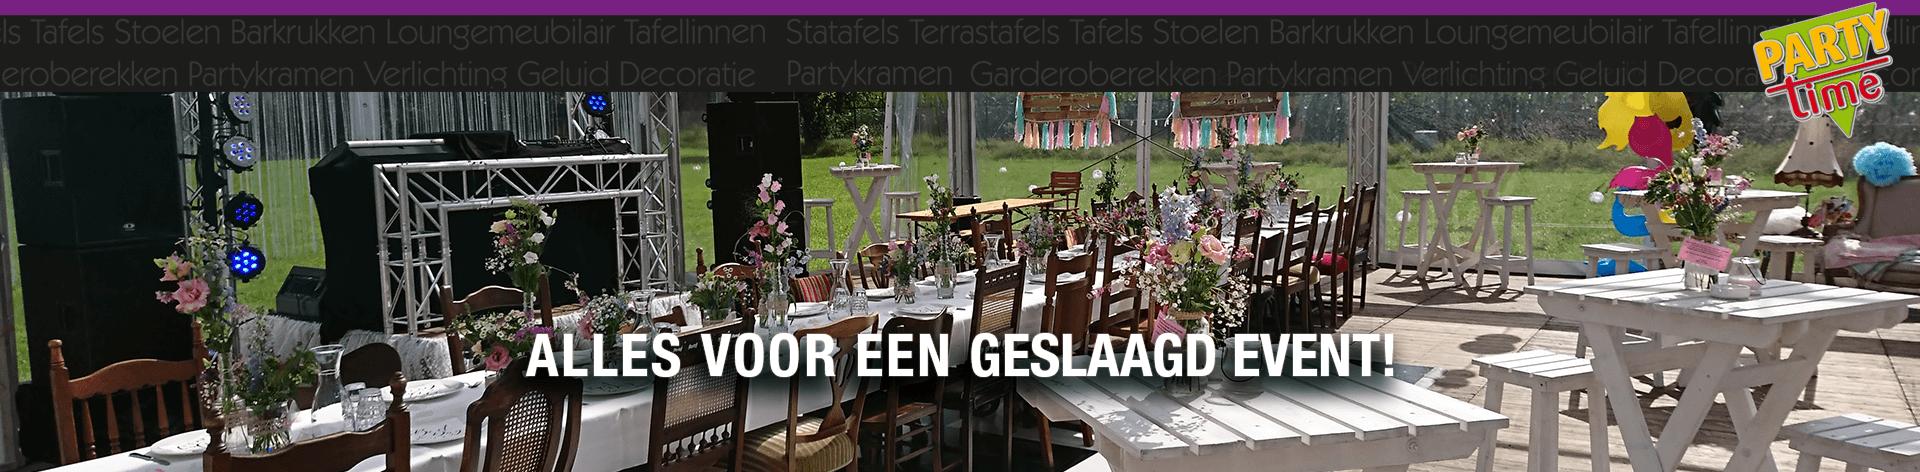 Fotoalbum Bruiloft Particulier - Party-Time Verhuur & Organisatie